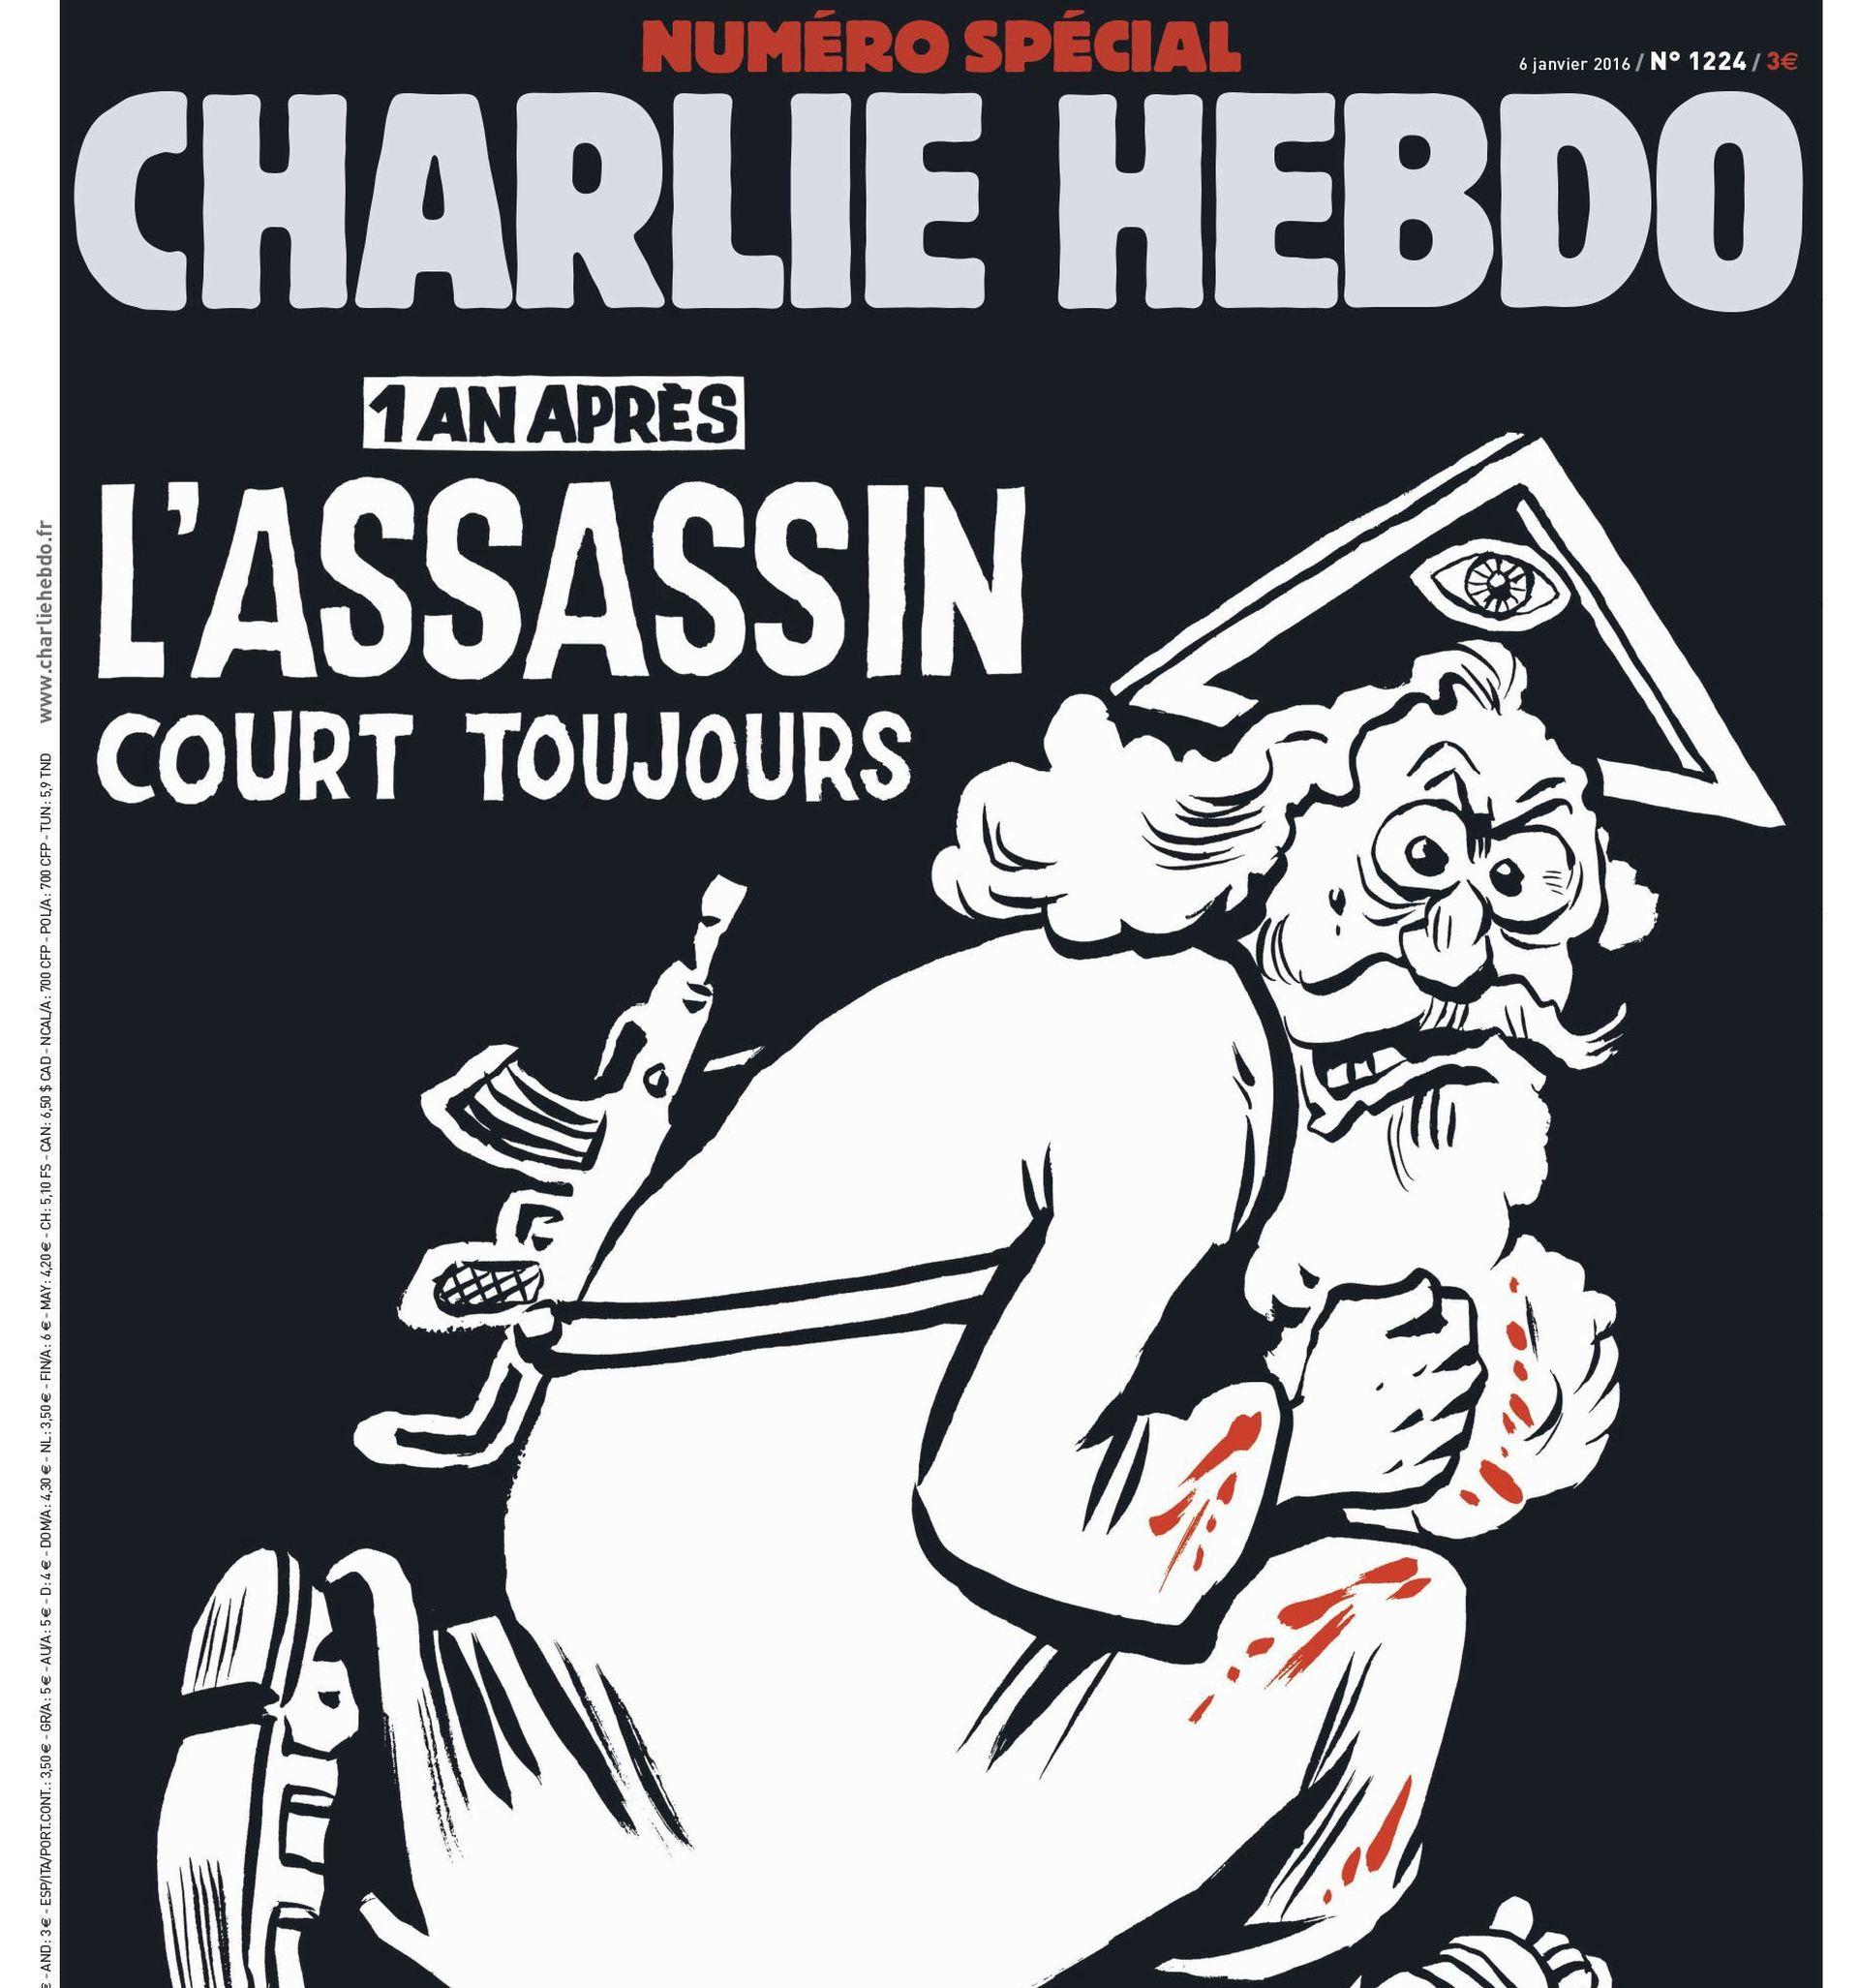 Francuska: Razgrabljeno posebno izdanje Charlieja Hebdoa